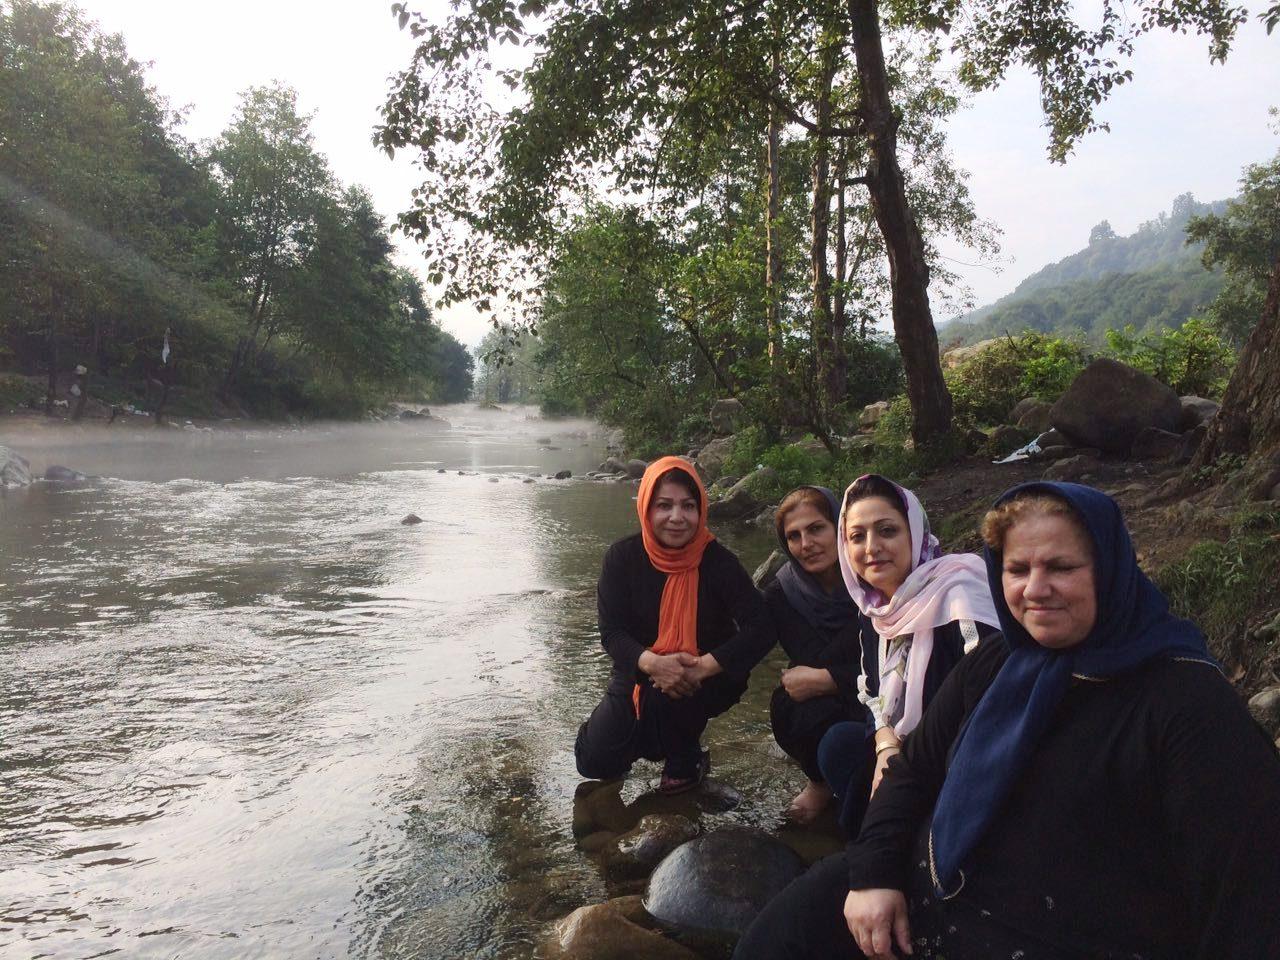 سفر طبیعت درمانی منطقه جنگلی شاهکلا لفور